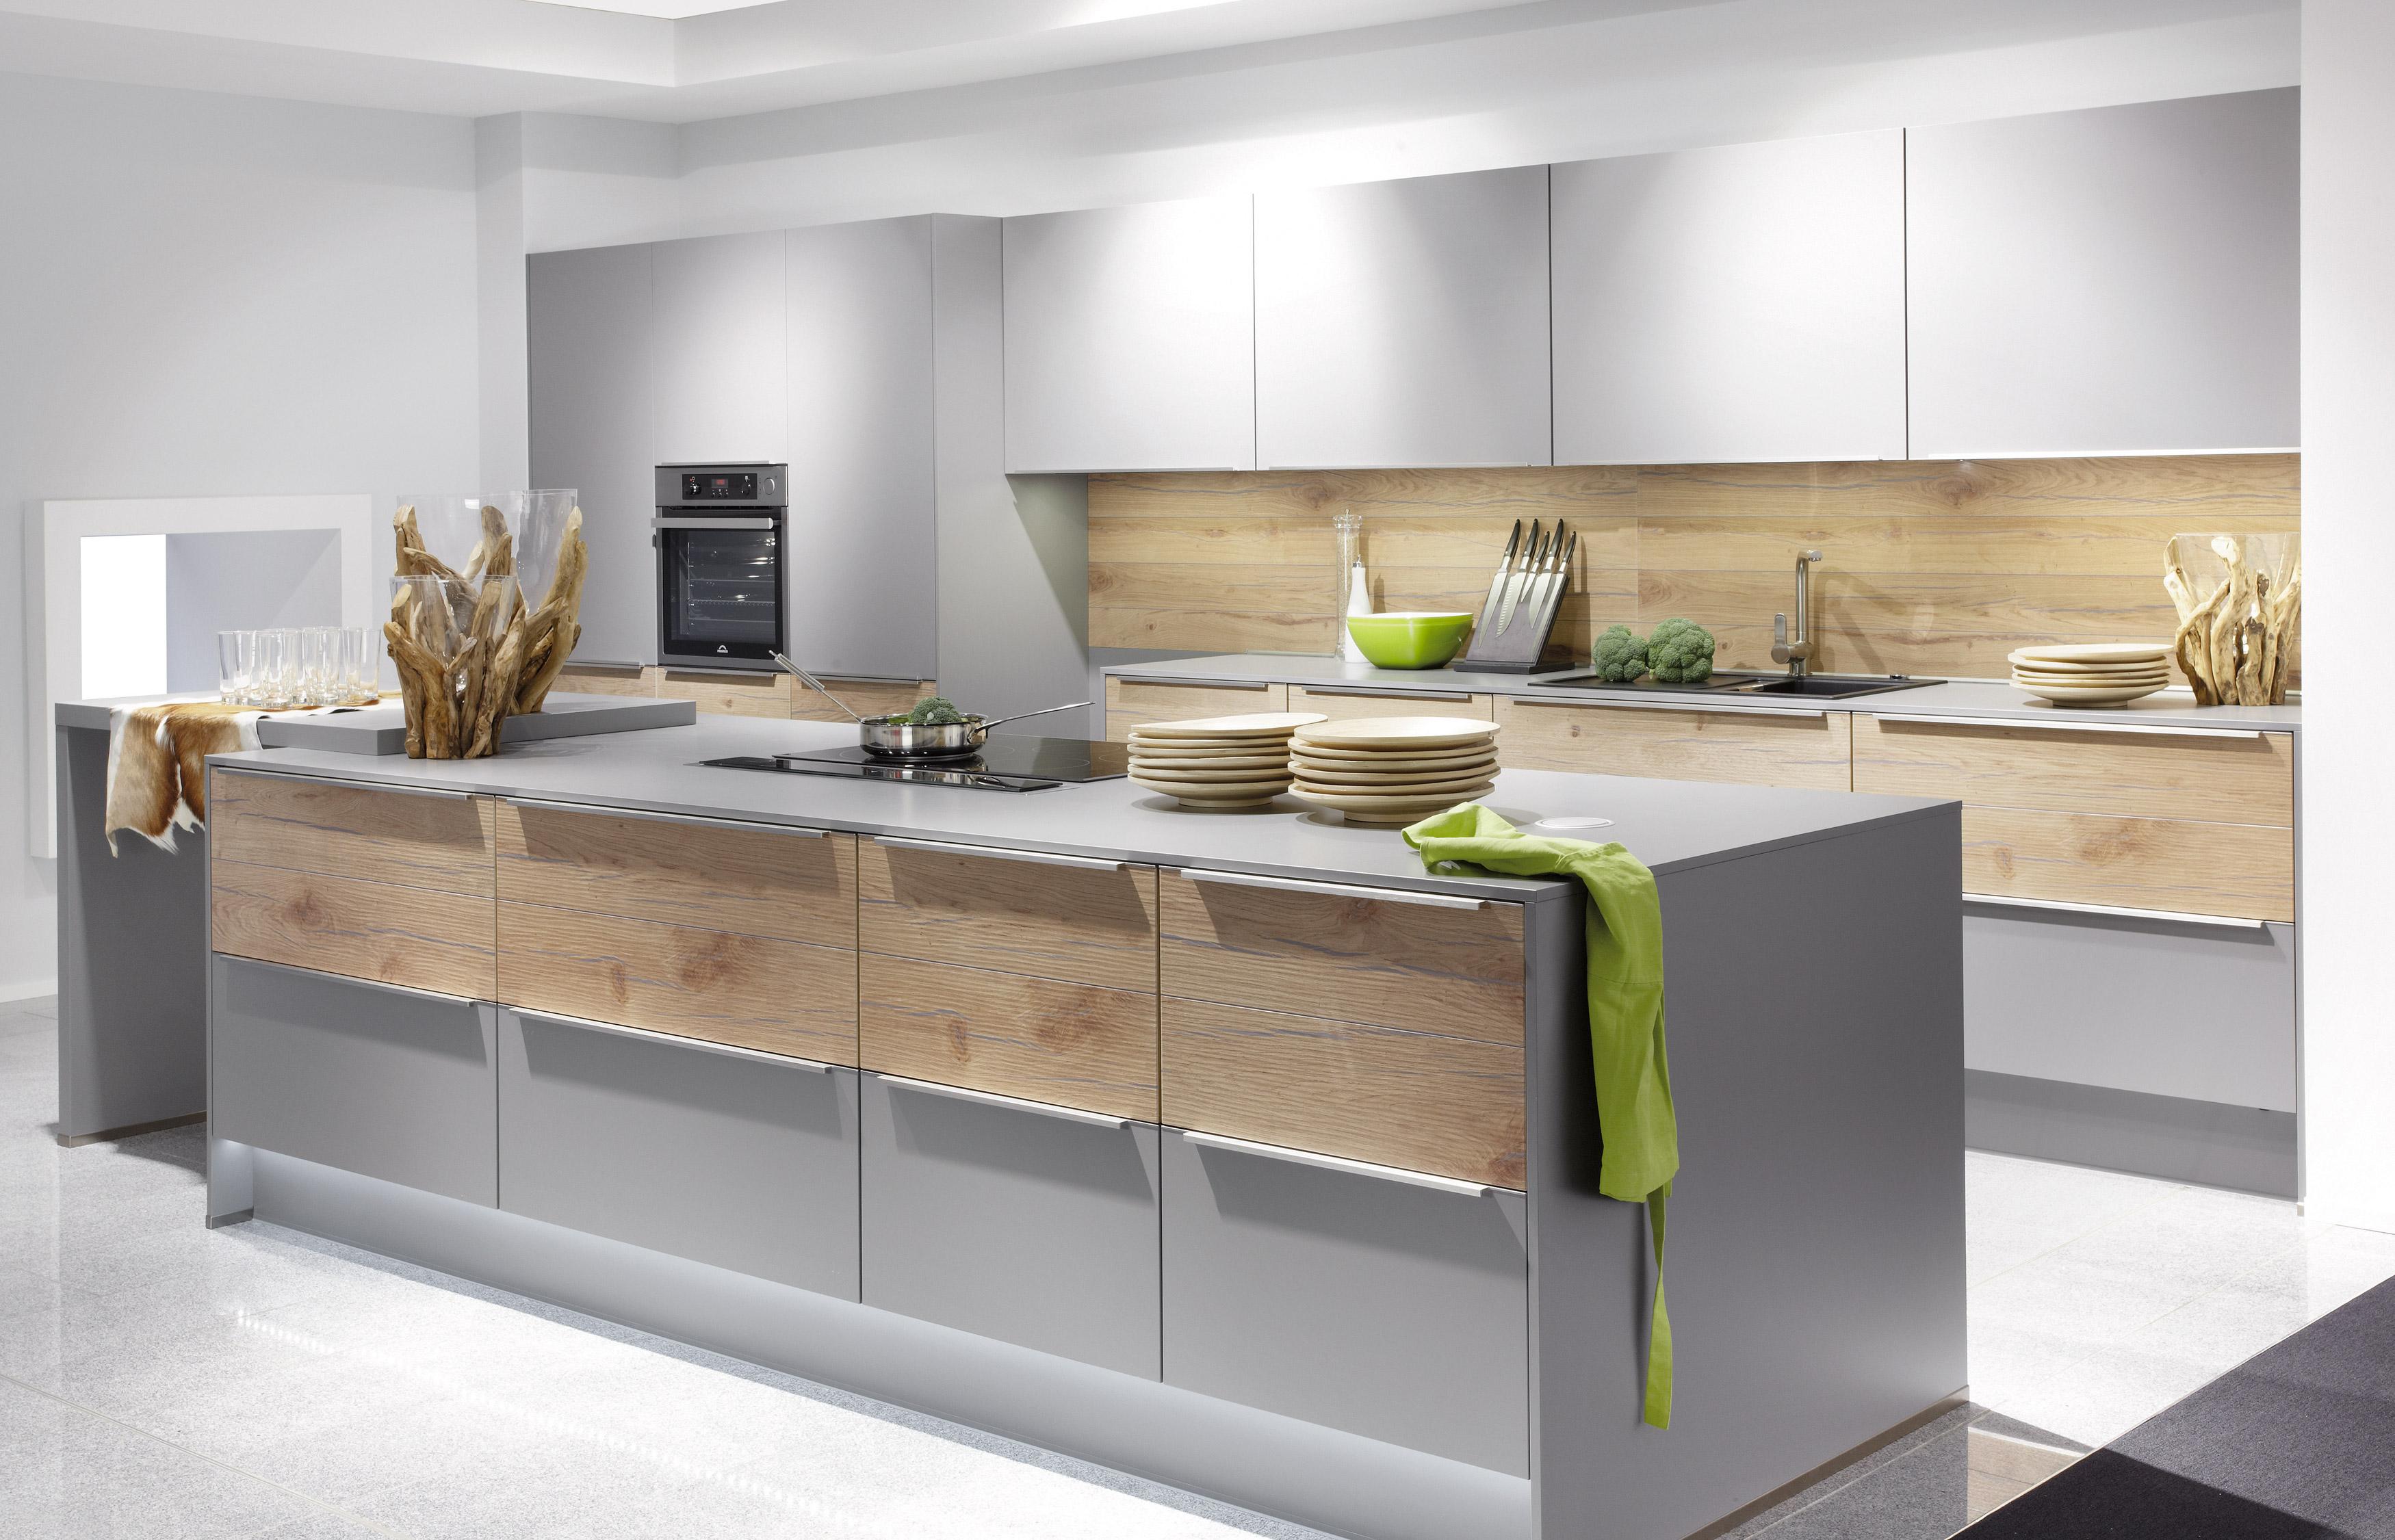 Awesome Muebles De Cocina Tarragona Images - Casas: Ideas, imágenes ...